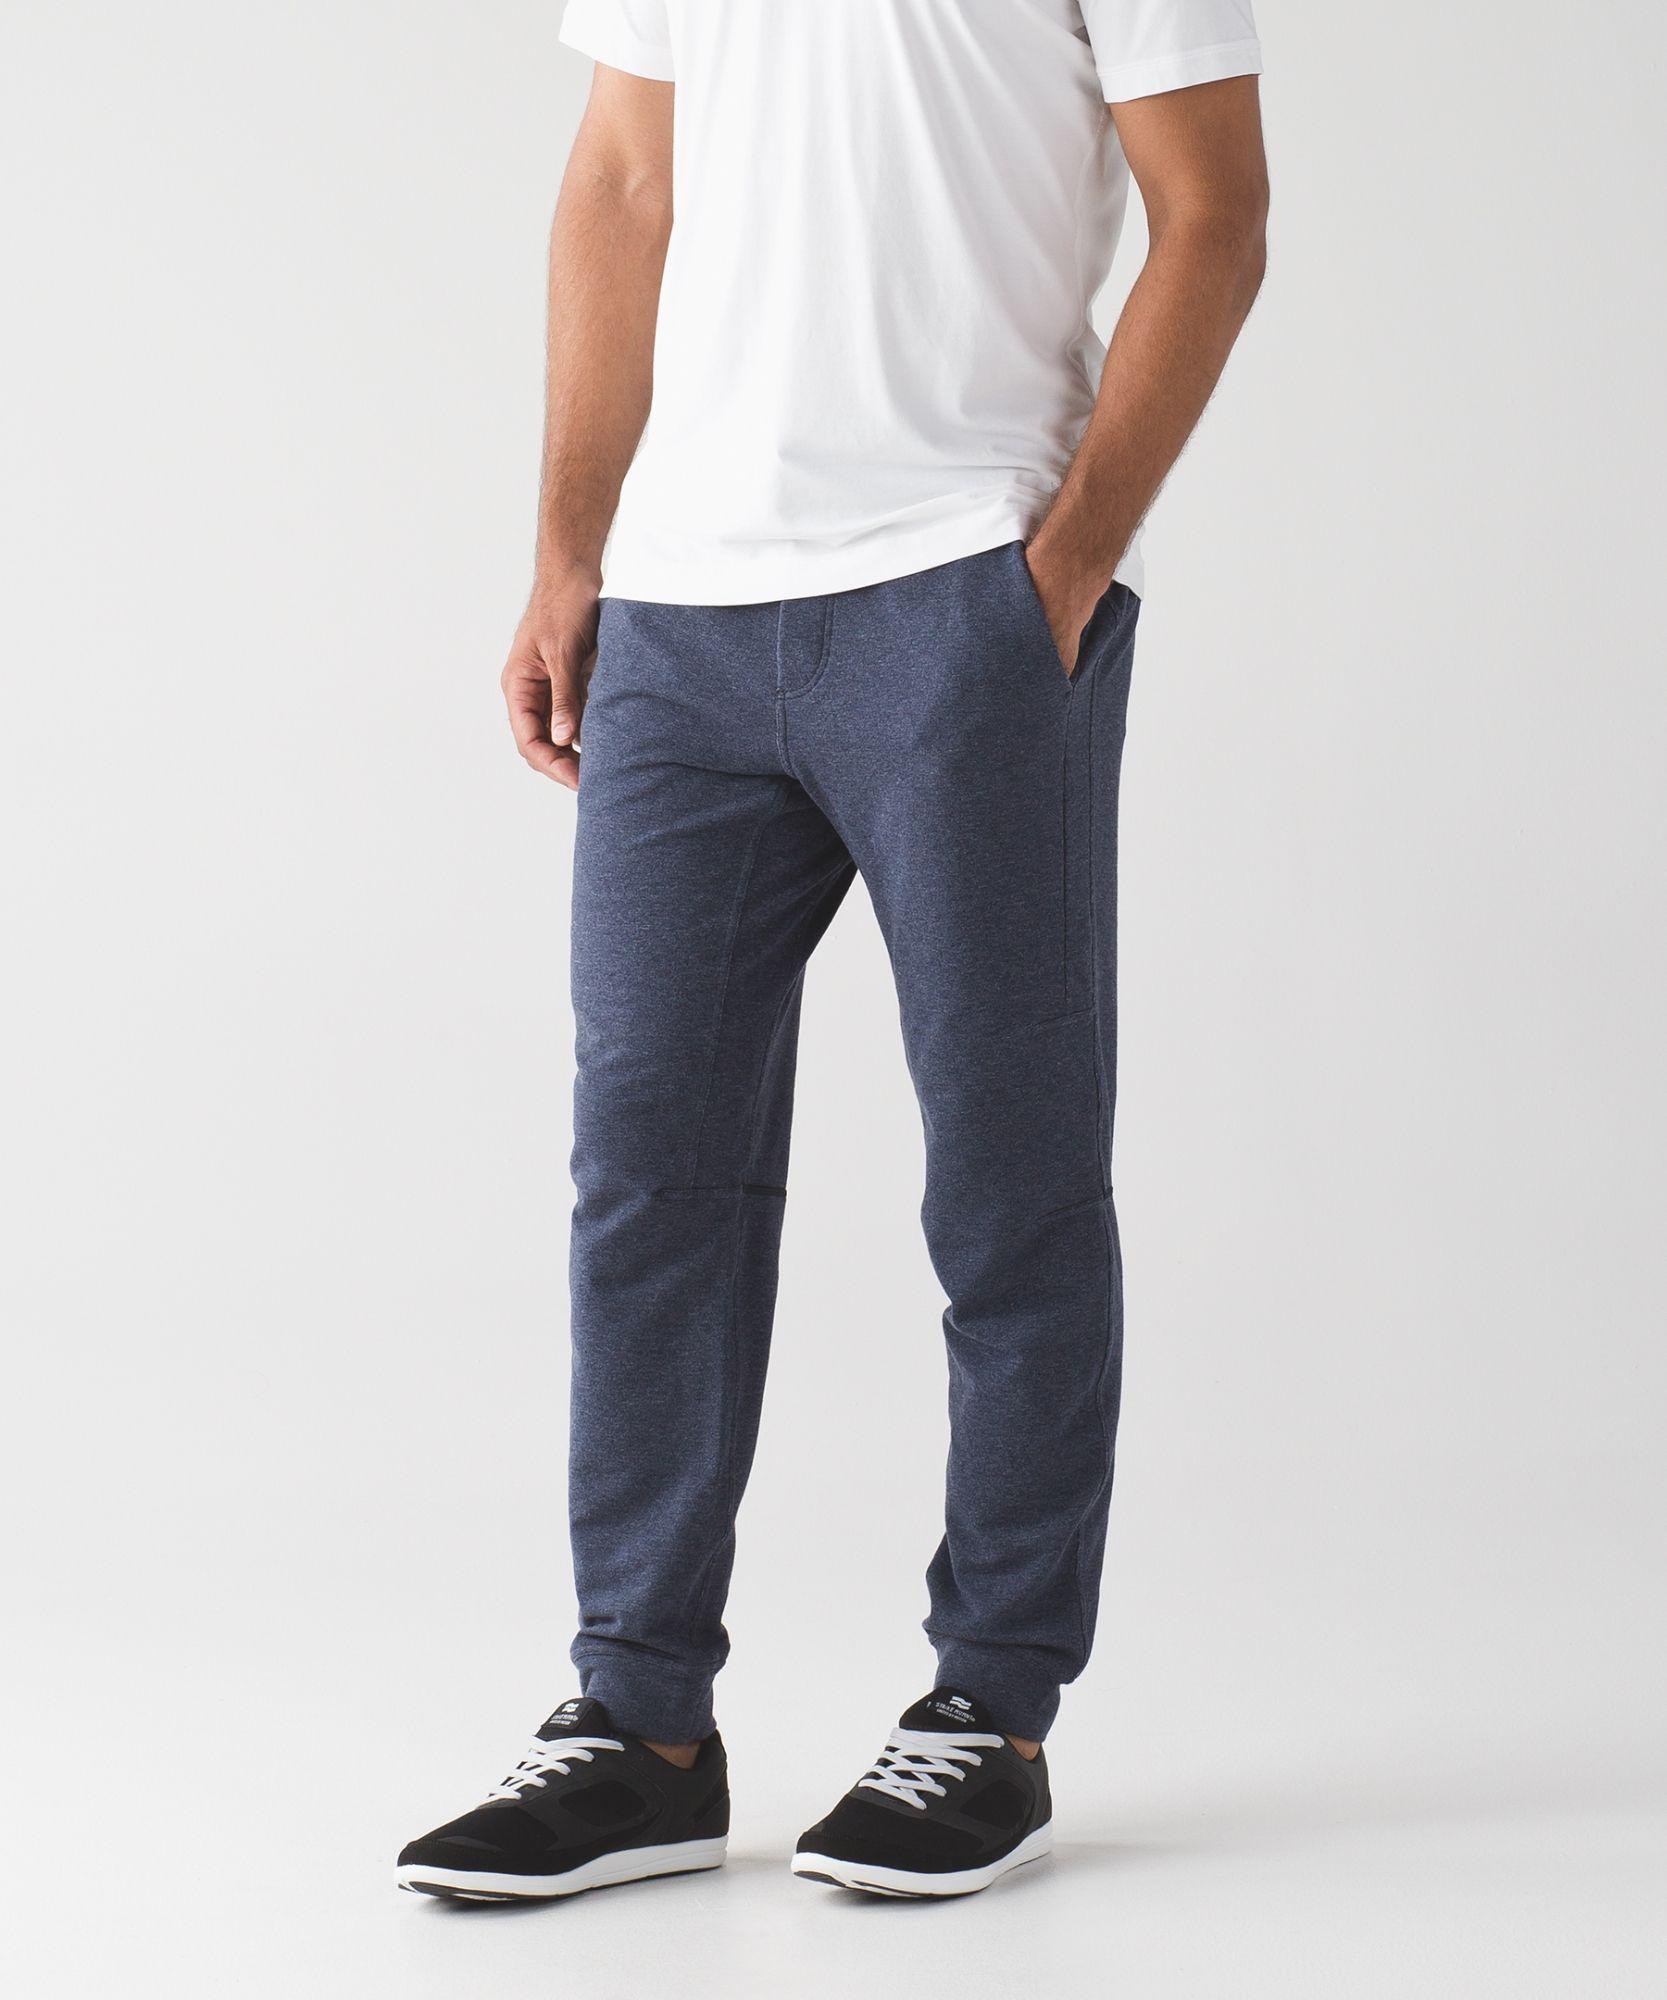 e4c579c62 Men's Joggers - City Sweat Jogger - lululemon | Products | Mens ...